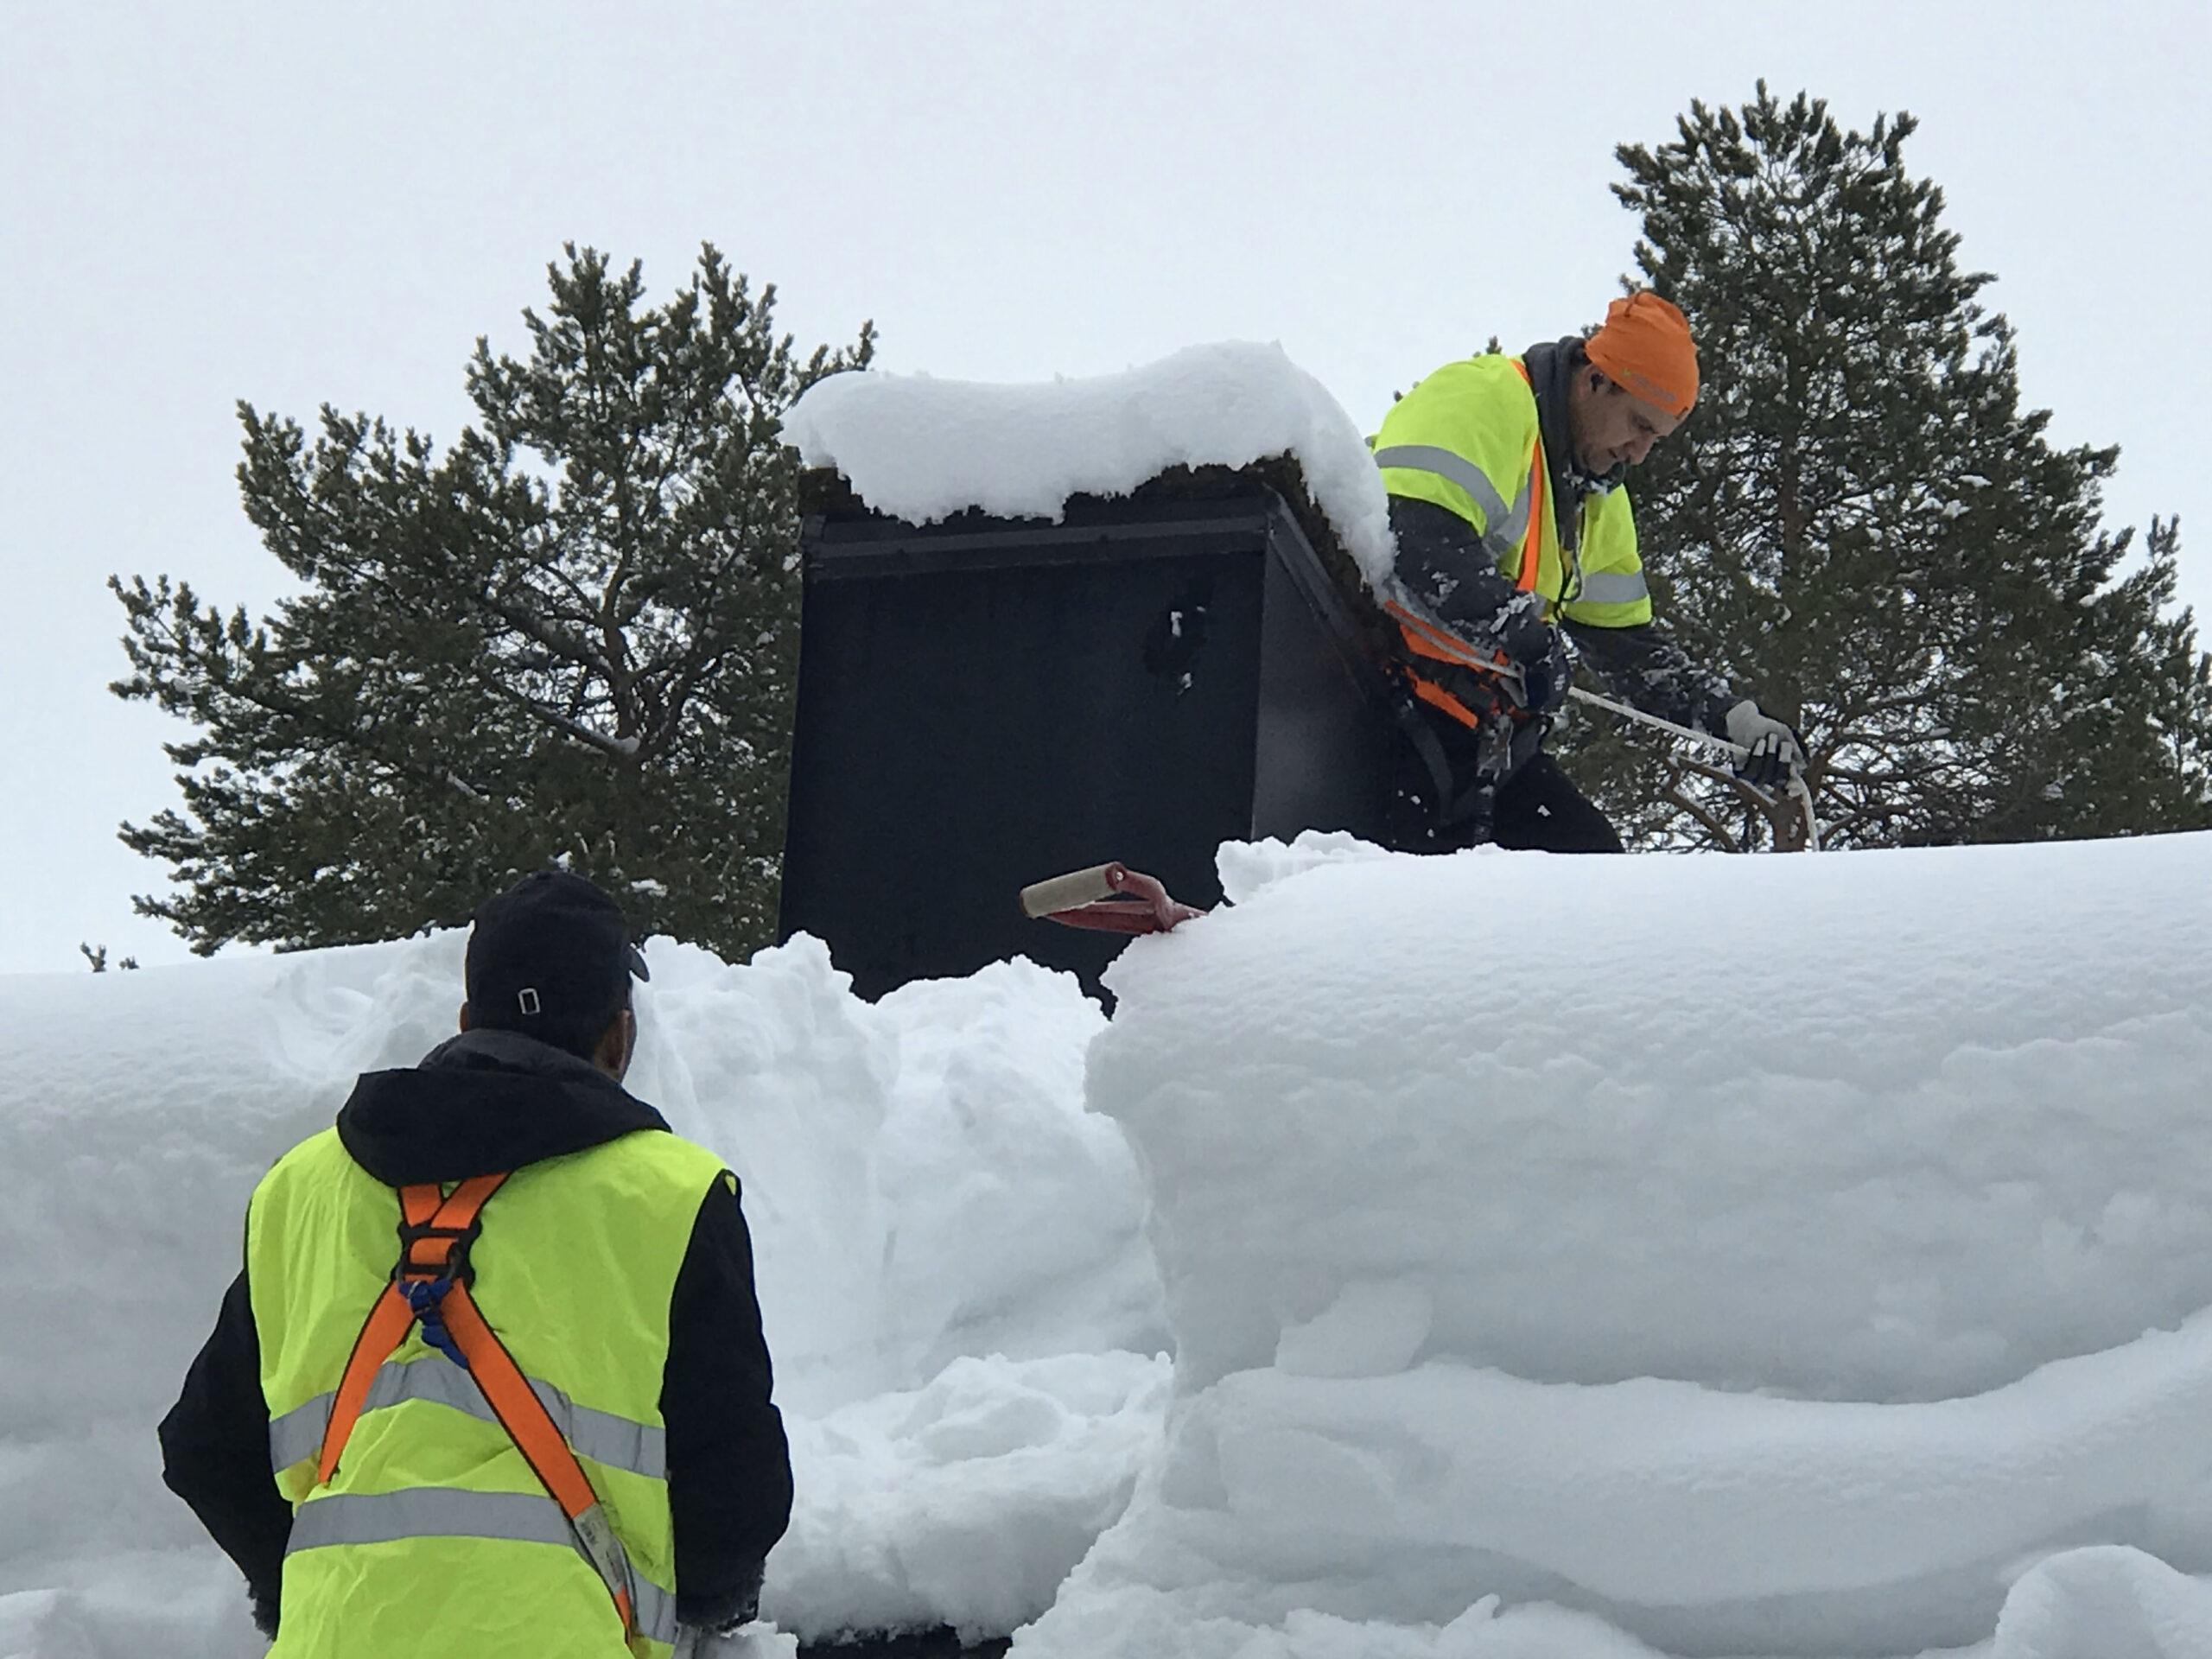 ANSVAR SÄKERHET Som snöskottare på tak har du ett ansvar för säkerheten för dig, dina arbetskamrater och övriga personer i anslutning till arbetsområdet. ANSVAR EGENDOM Du ansvarar för att inte egendom och utrustning skadas genom valet av utrustning och din arbetsmetod